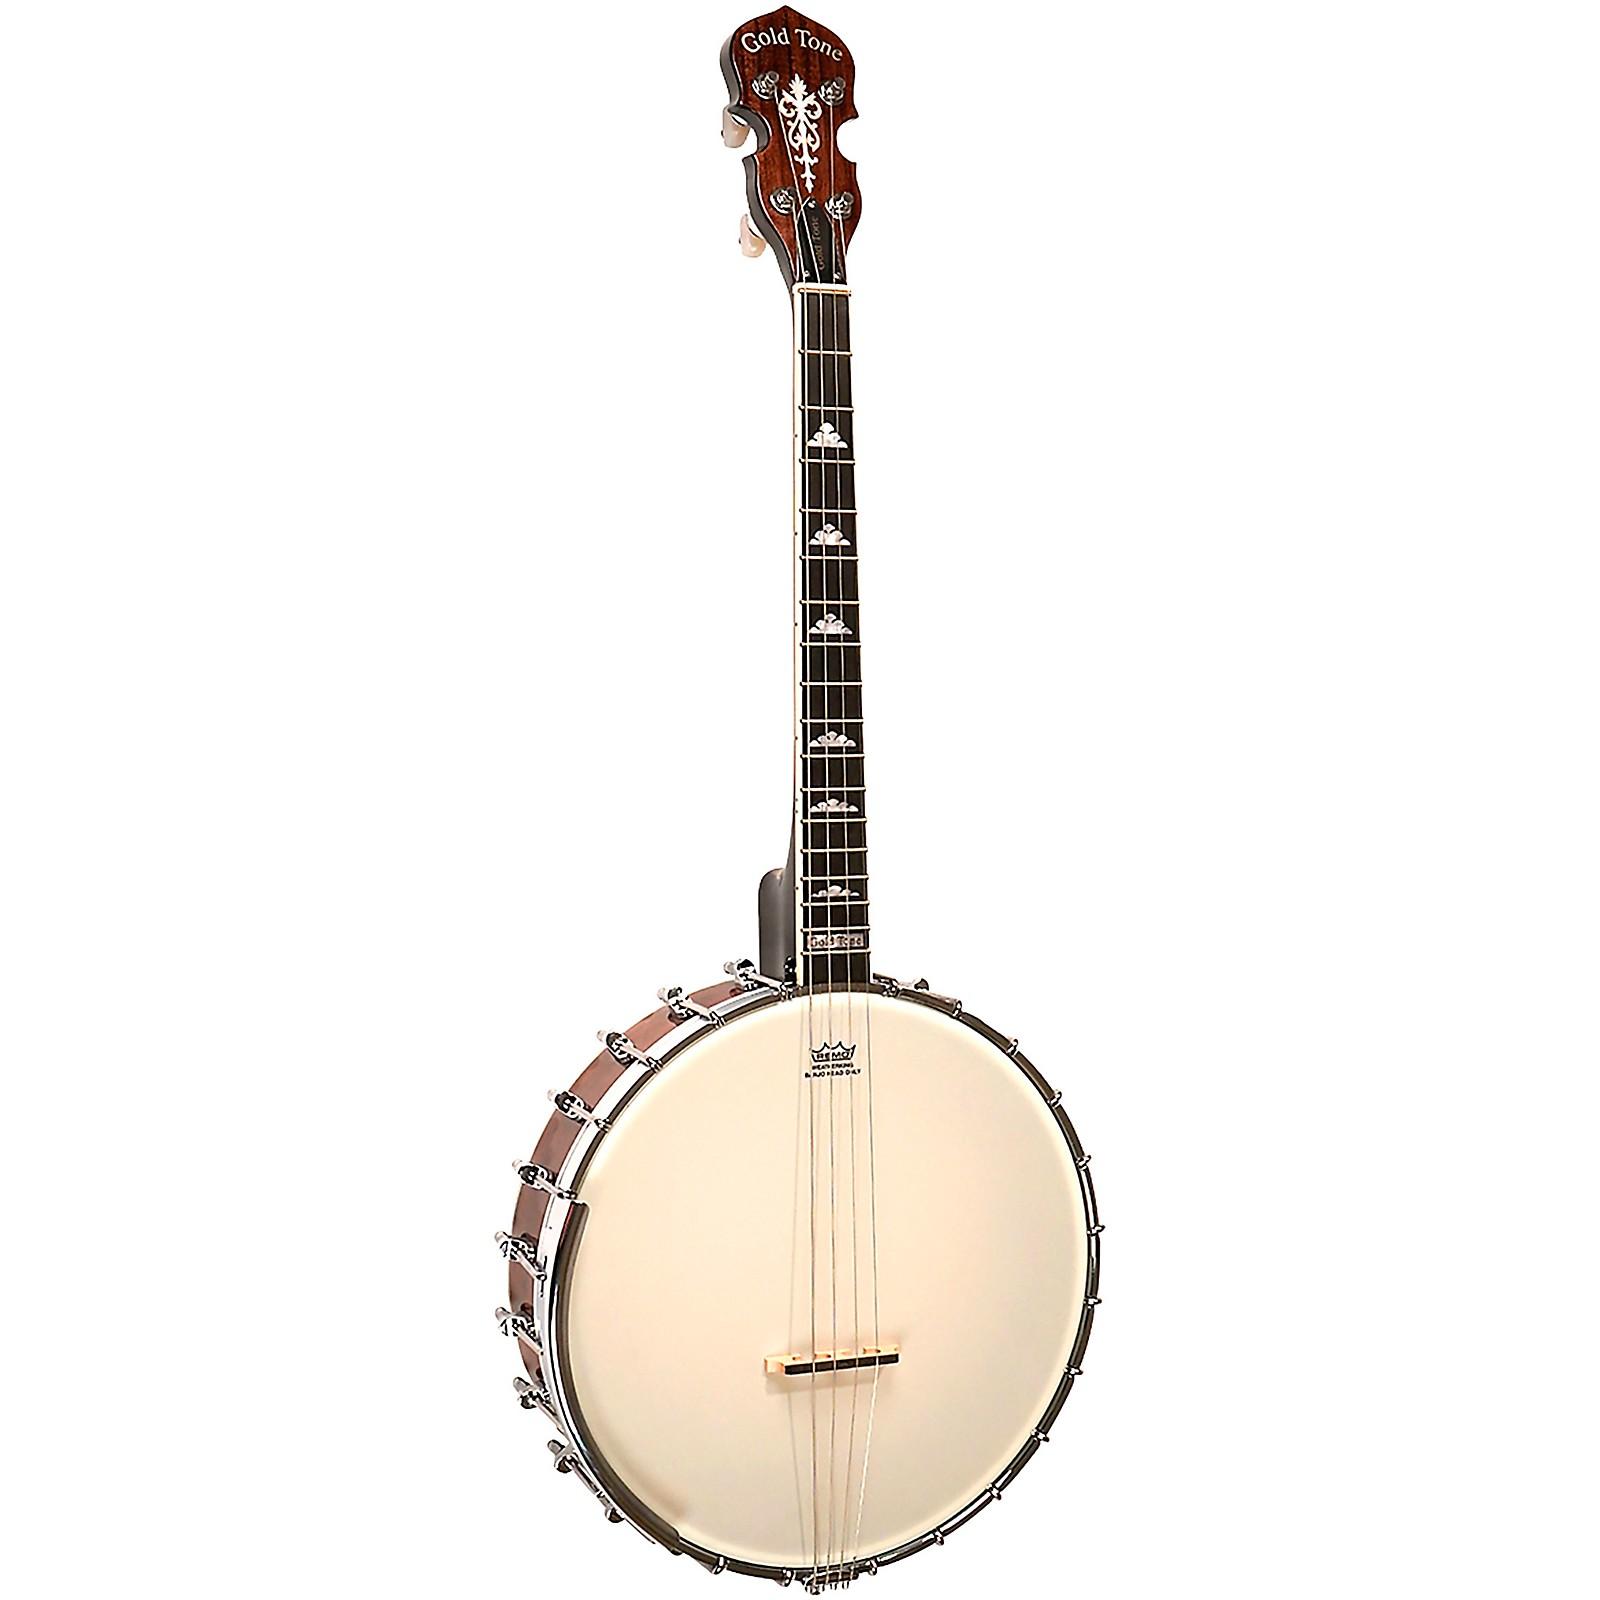 Gold Tone IT-250 4-String Irish Tenor Open Back Banjo